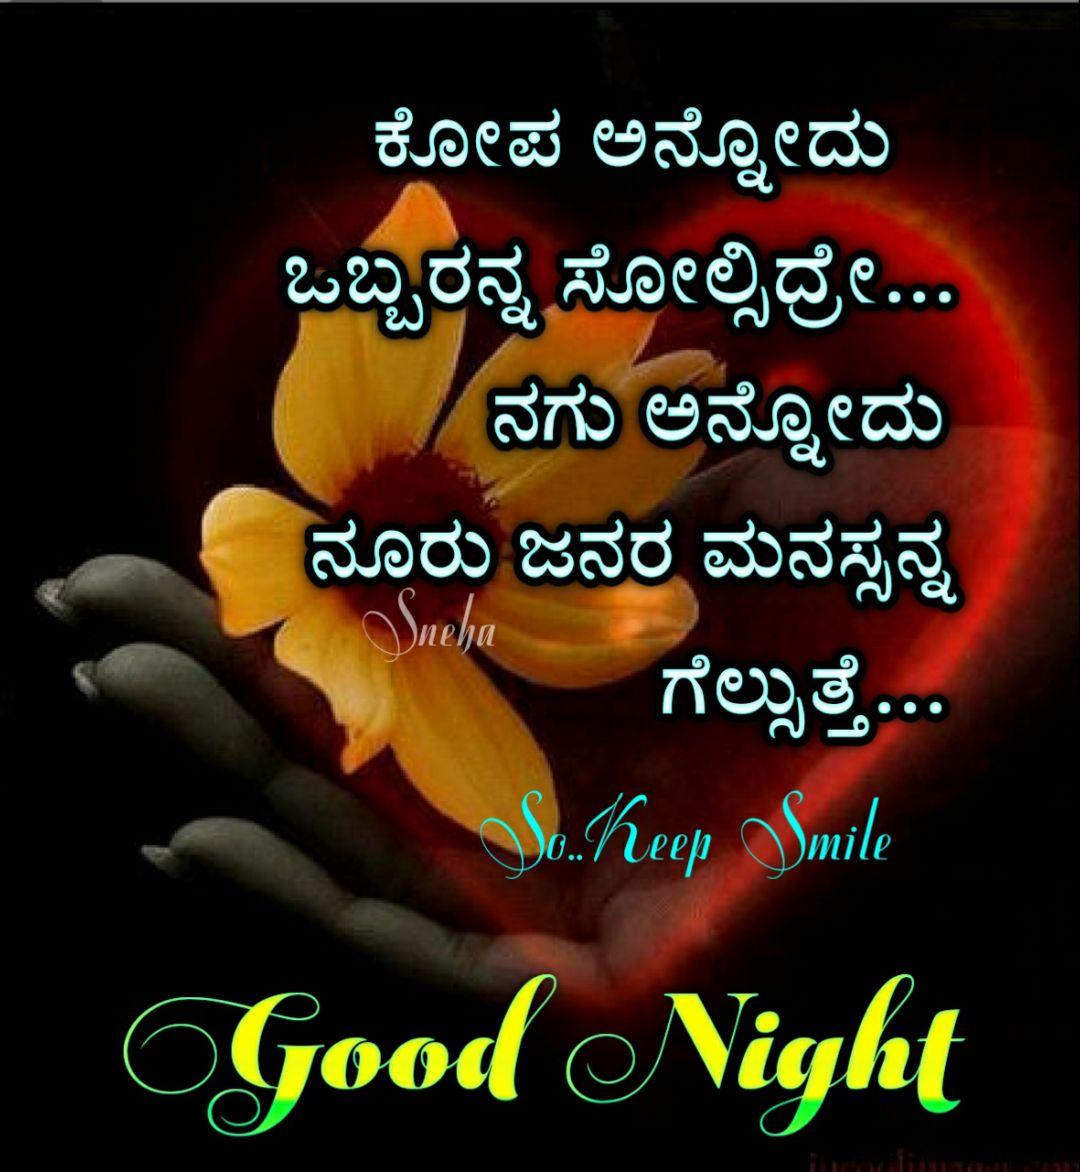 🎁ವಾರ್ಷಿಕೋತ್ಸವ - ಕೋಪ ಅನ್ನೋದು ಒಬ್ಬರನ್ನ ಸೋದ್ರೇ . . . ನಗು ಅನ್ನೋದು ನೂರು ಜನರ ಮನಸ್ಸನ್ನ Sneha ಗೆಲ್ಲುತ್ತೆ . . . So . Keep Smile Good Night - ShareChat